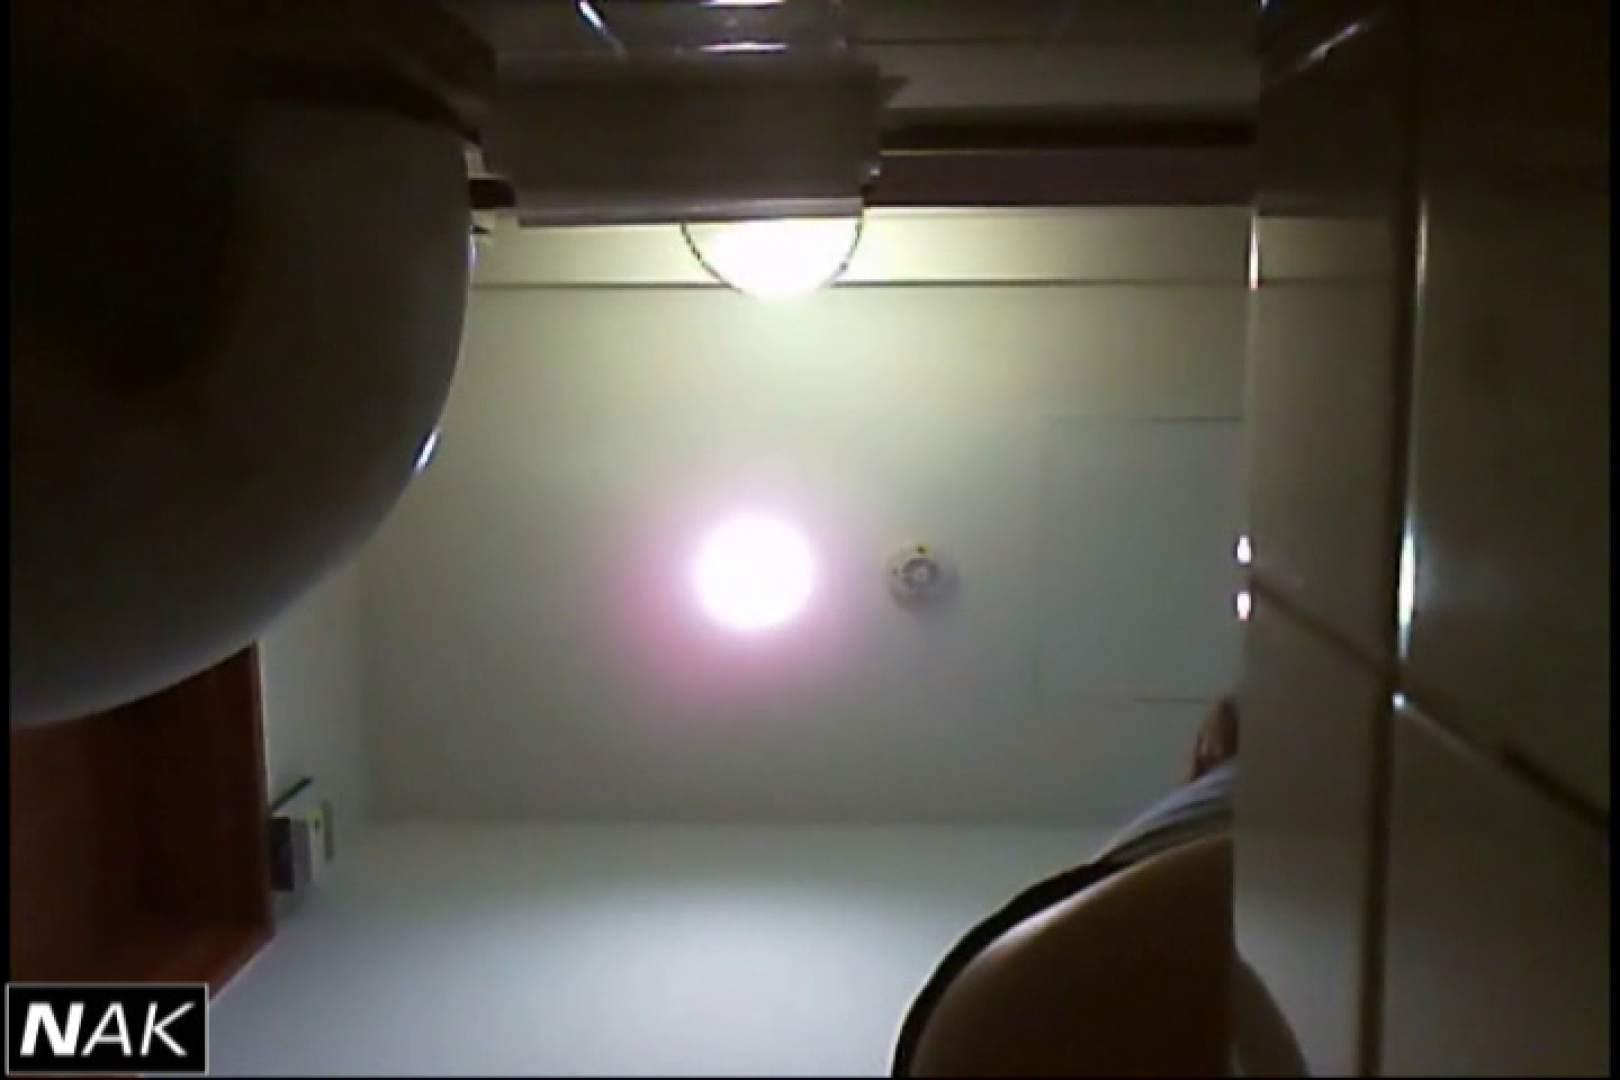 亀さんかわや VIP和式2カメバージョン! vol.14 0  74pic 38